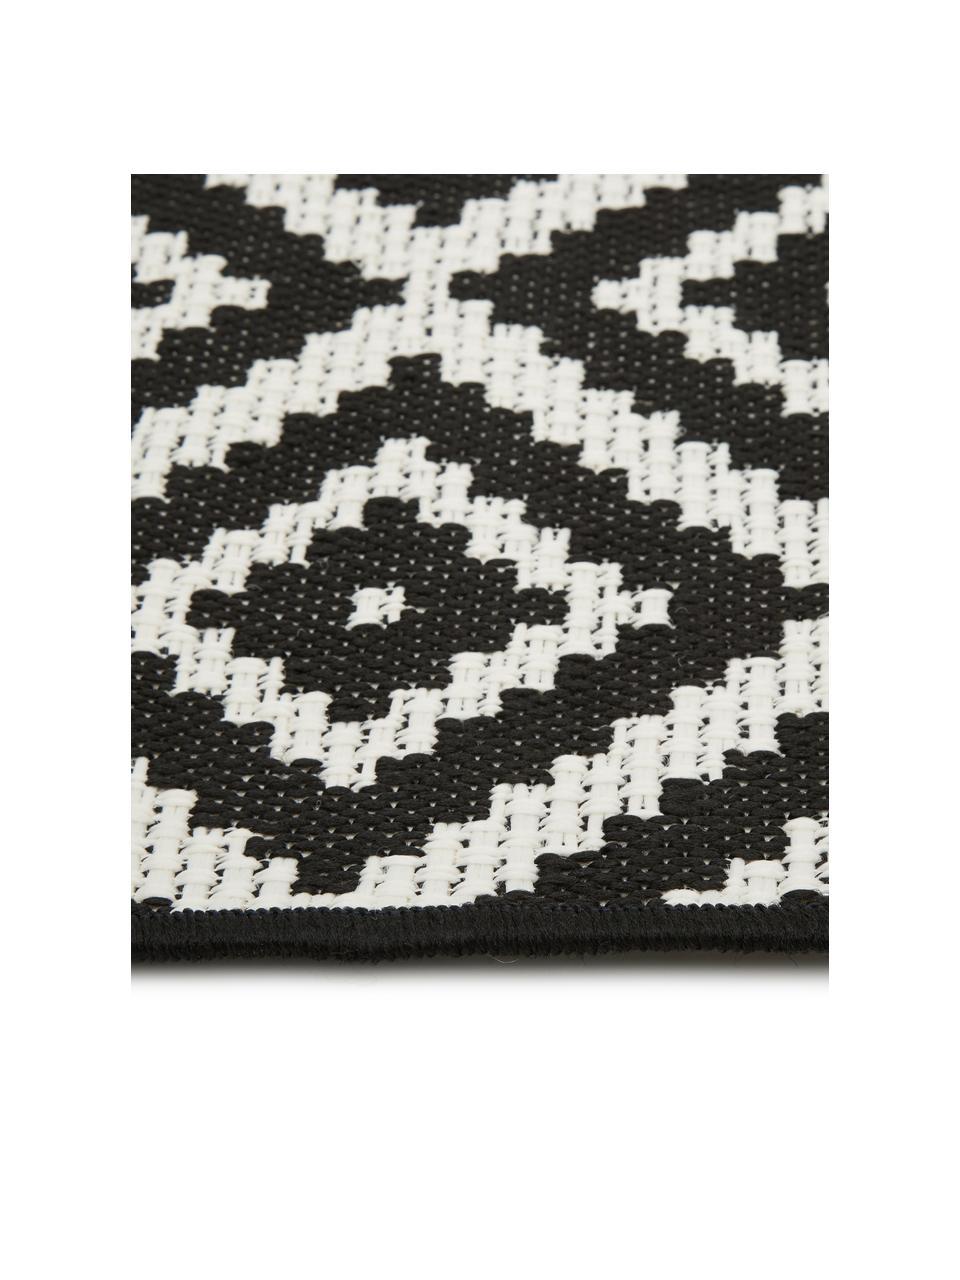 In- & outdoor vloerkleed met patroon Miami in zwart/wit, 86% polypropyleen, 14% polyester, Crèmewit, zwart, B 160 x L 230 cm (maat M)